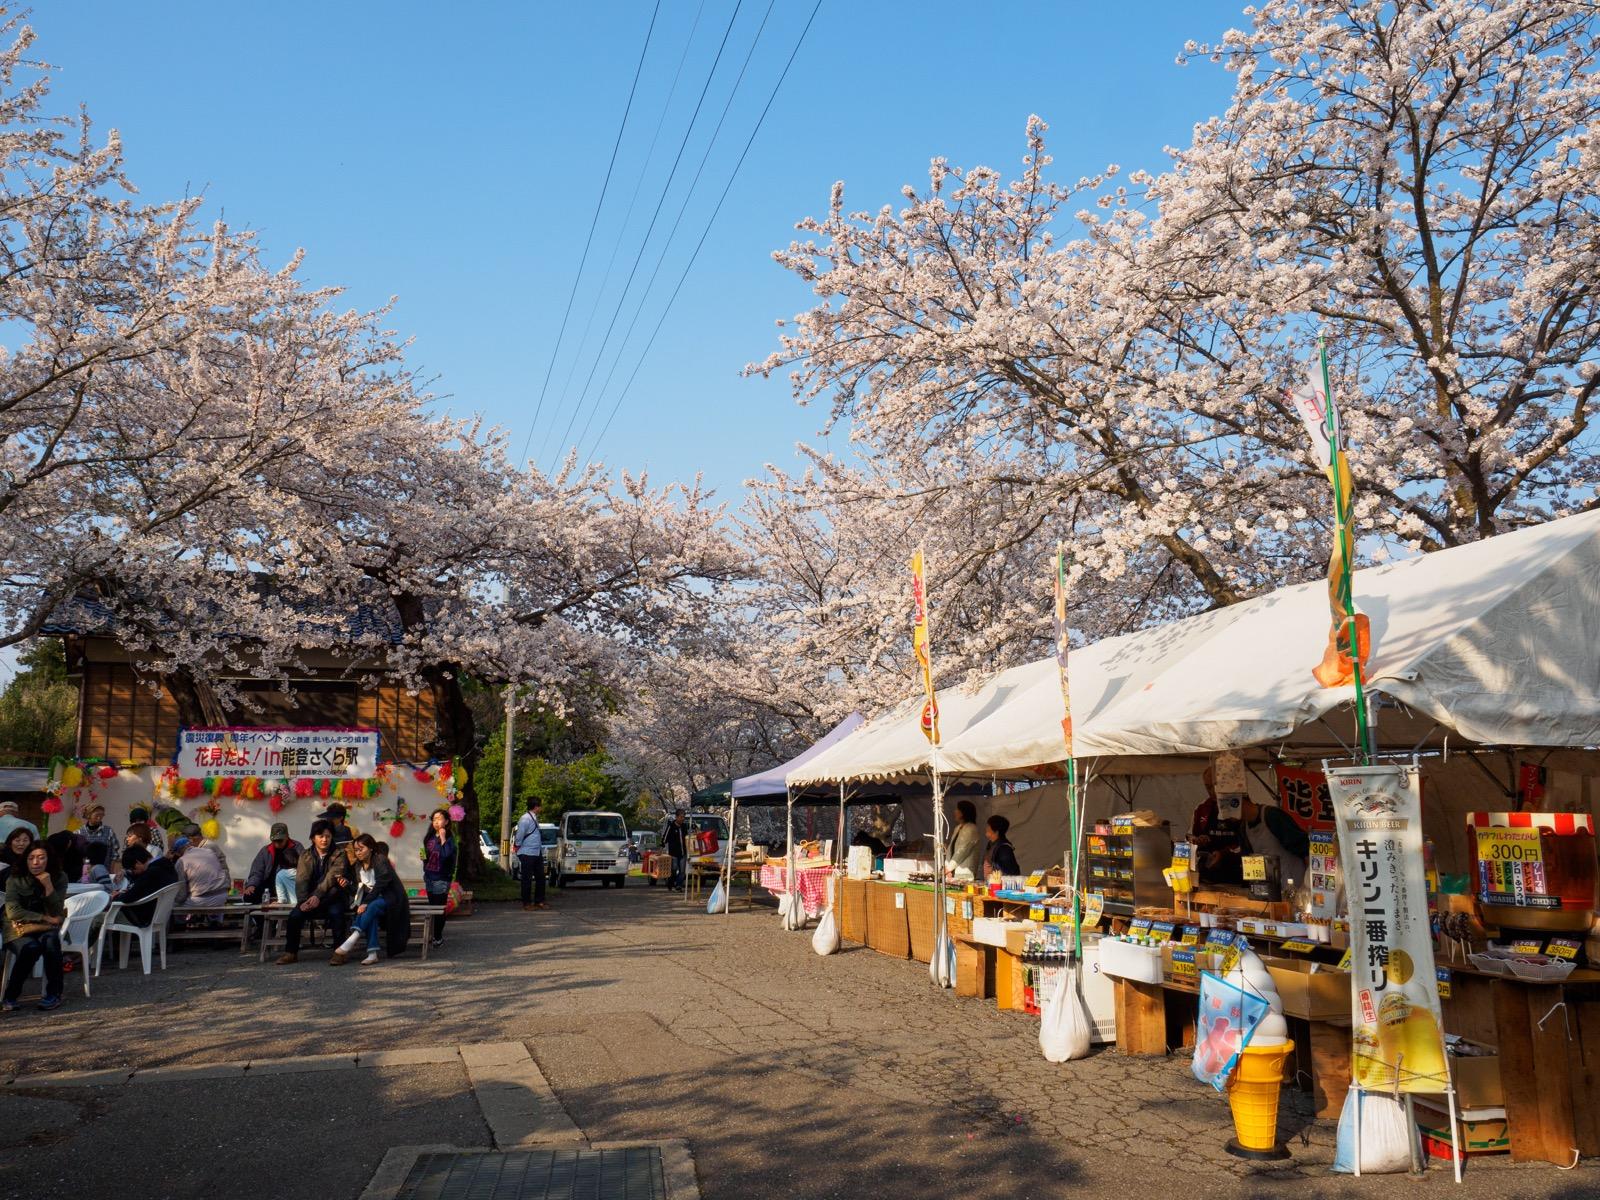 能登鹿島駅(能登さくら駅)前で行われていたイベント「花見だよ! in 能登さくら駅」(2017年4月)